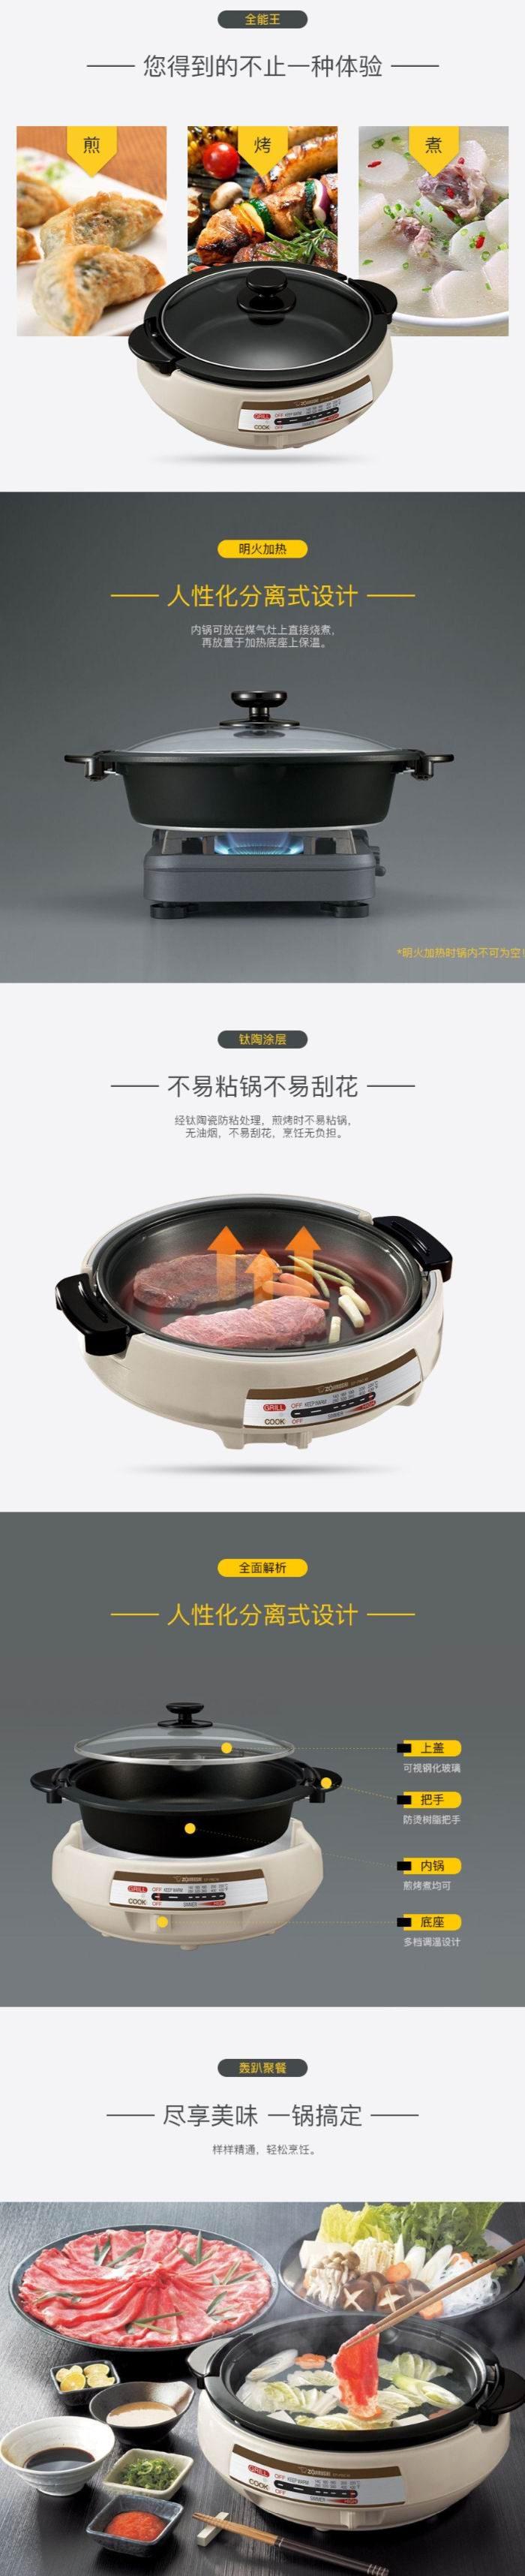 补货!ZOJI Zojirushi 象印 EP-PBC10 Gourmet 美食家 多功能电火两用 煮锅/火锅/烤肉神器 117加元包邮!